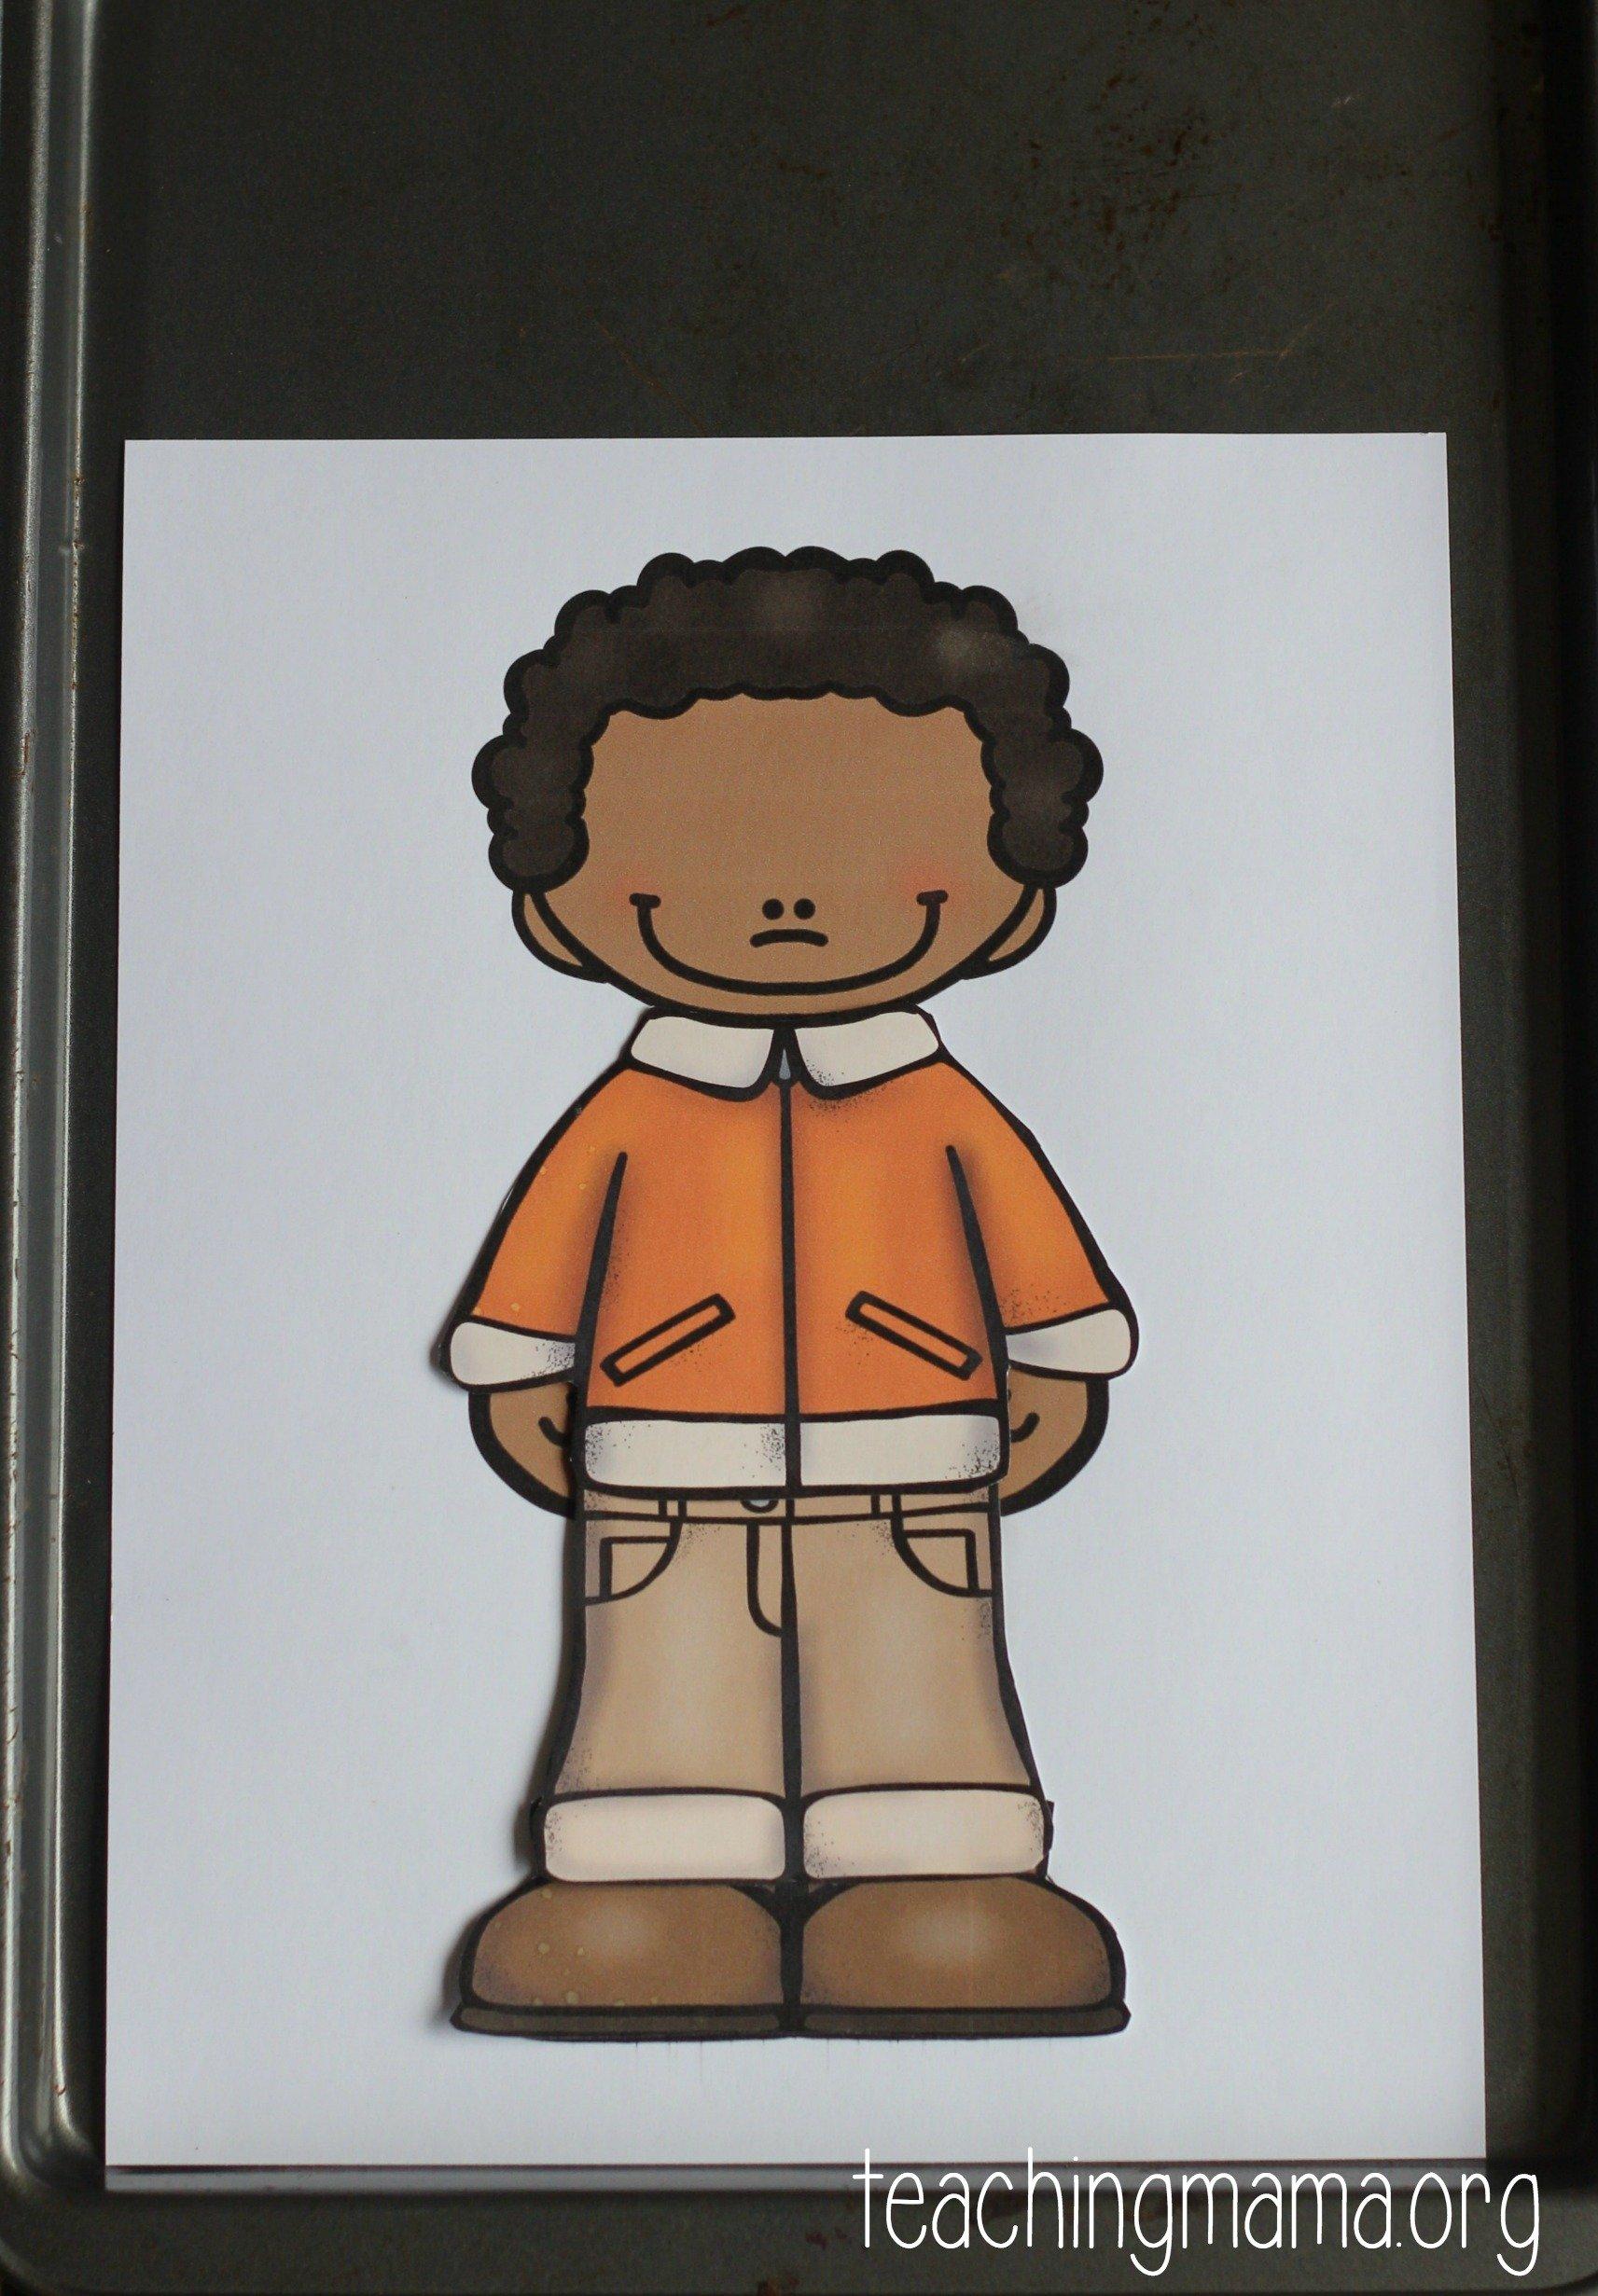 boy - orange jacket